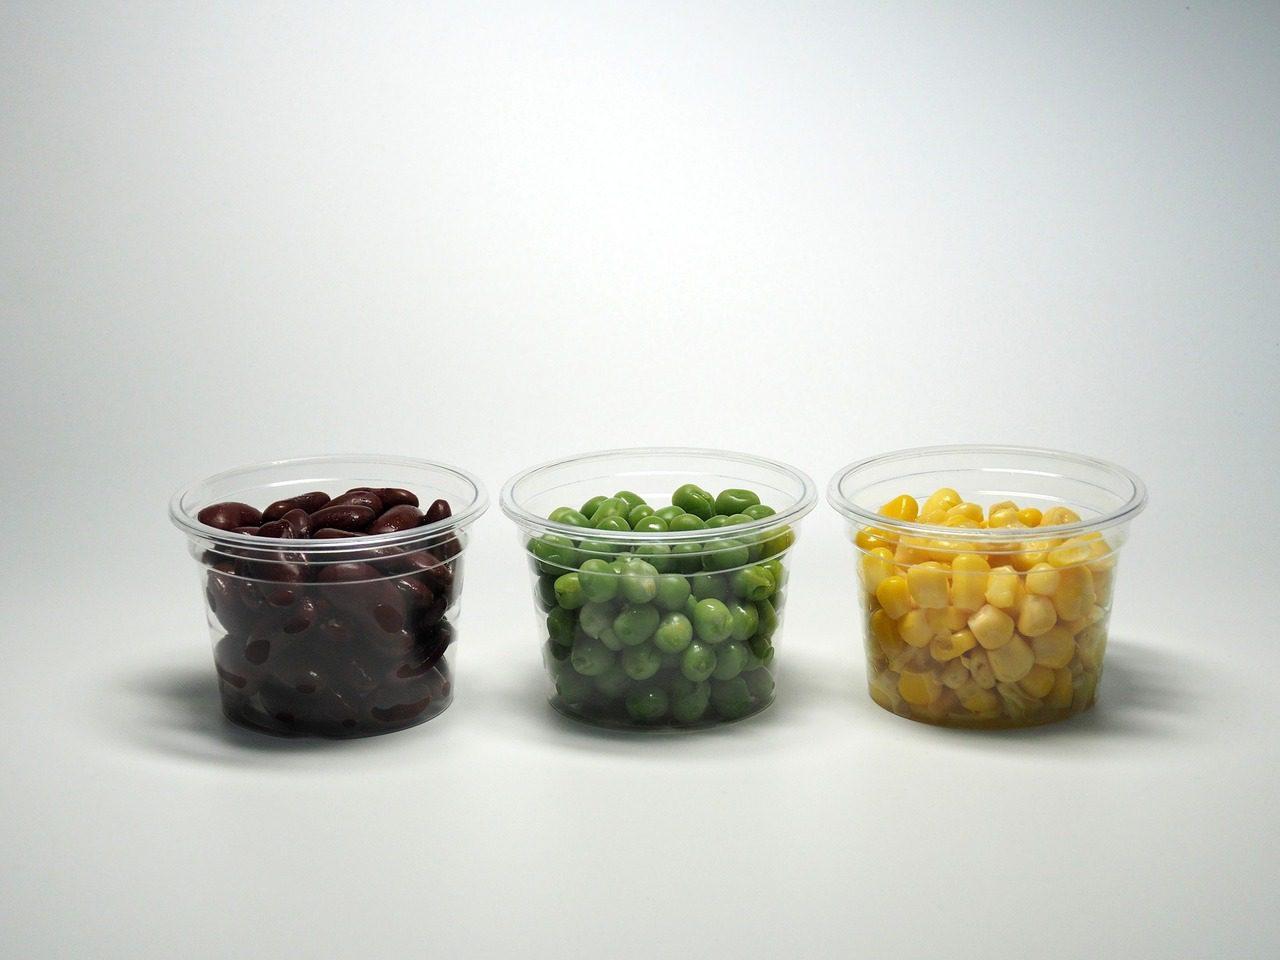 envases de plastico reciclable